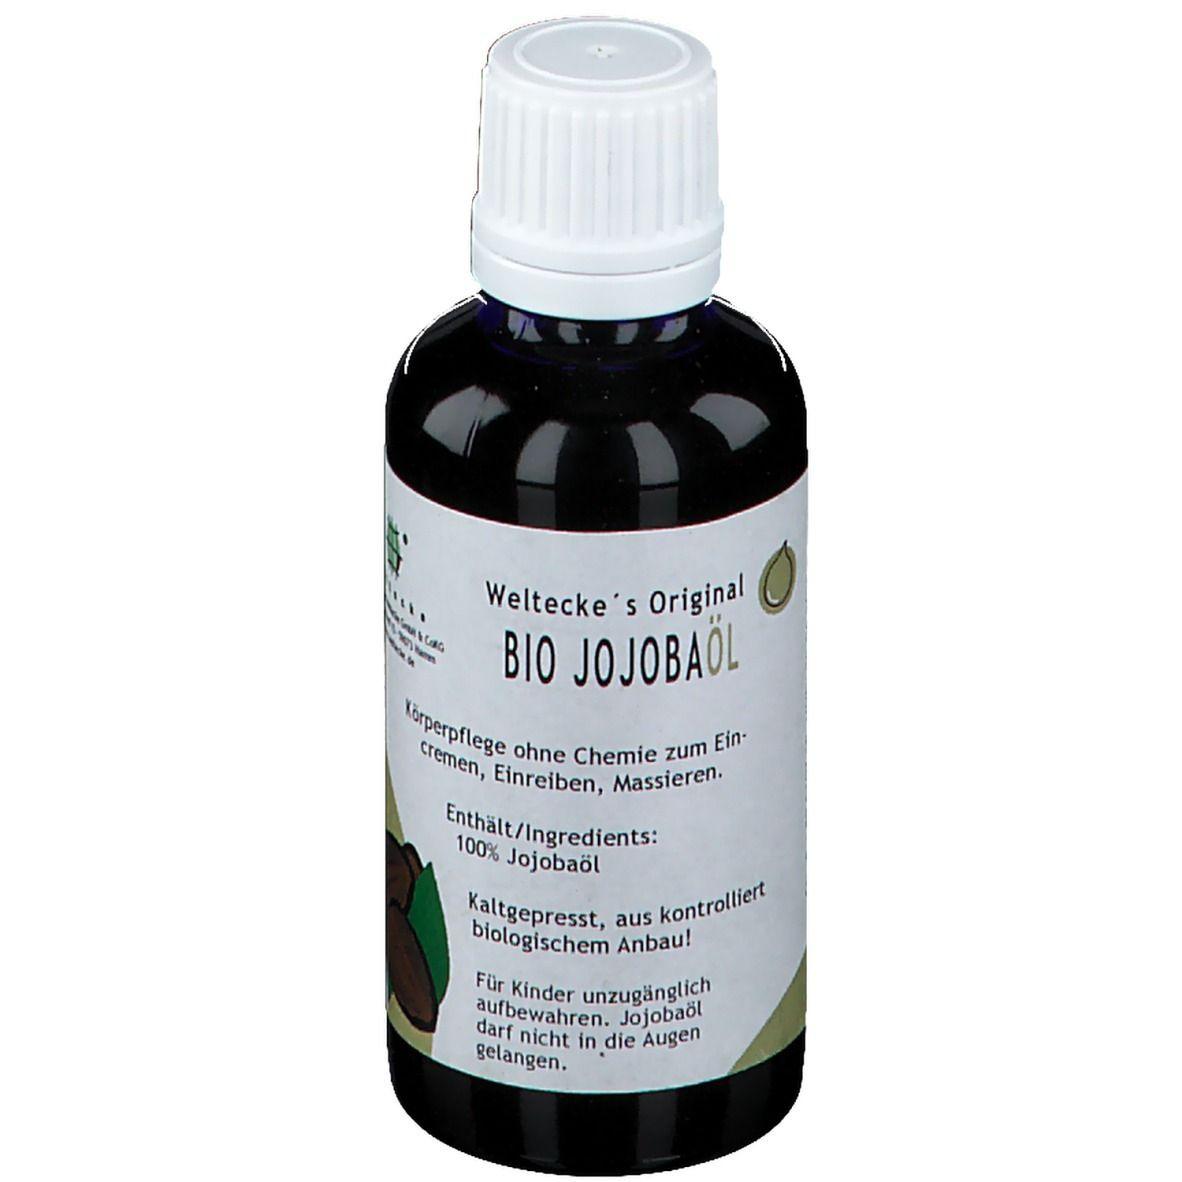 Image of Bio-Jojoba-Öl